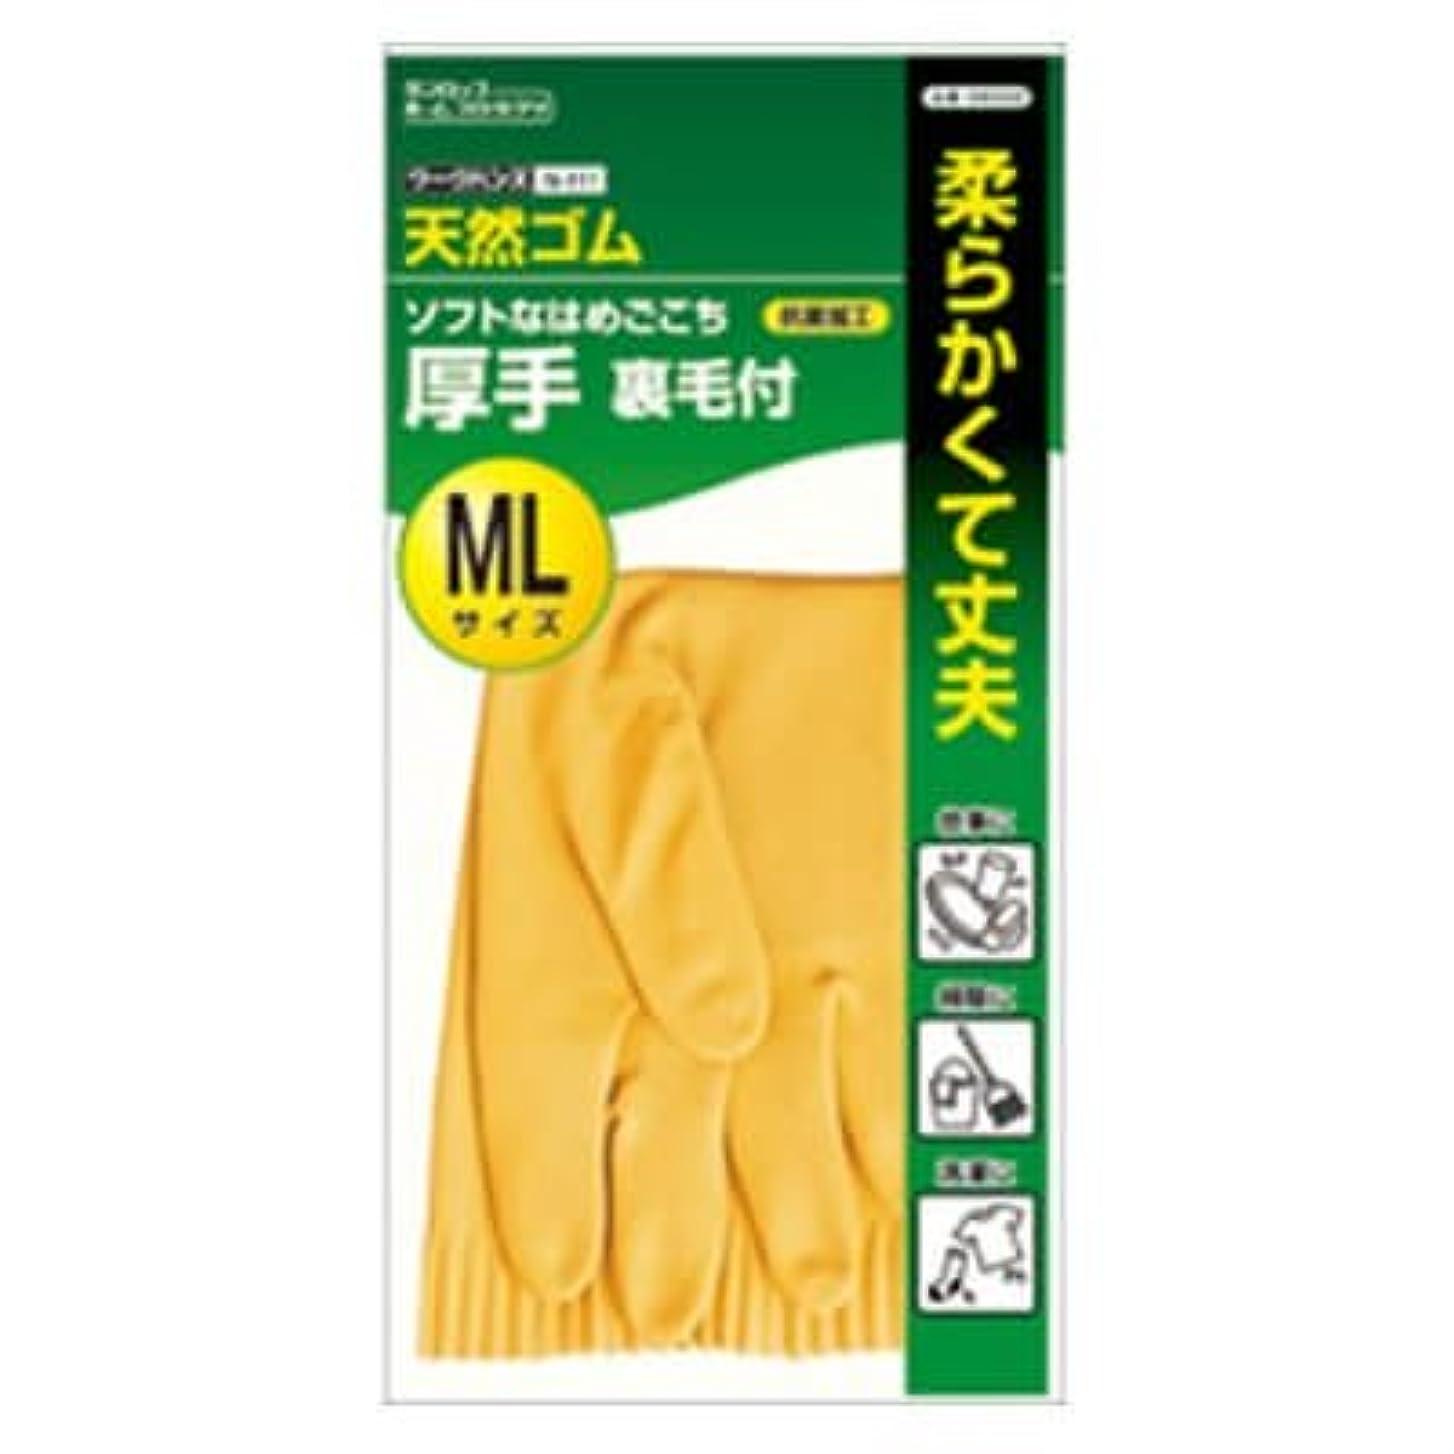 【ケース販売】 ダンロップ ワークハンズ N-111 天然ゴム厚手 ML オレンジ (10双×12袋)